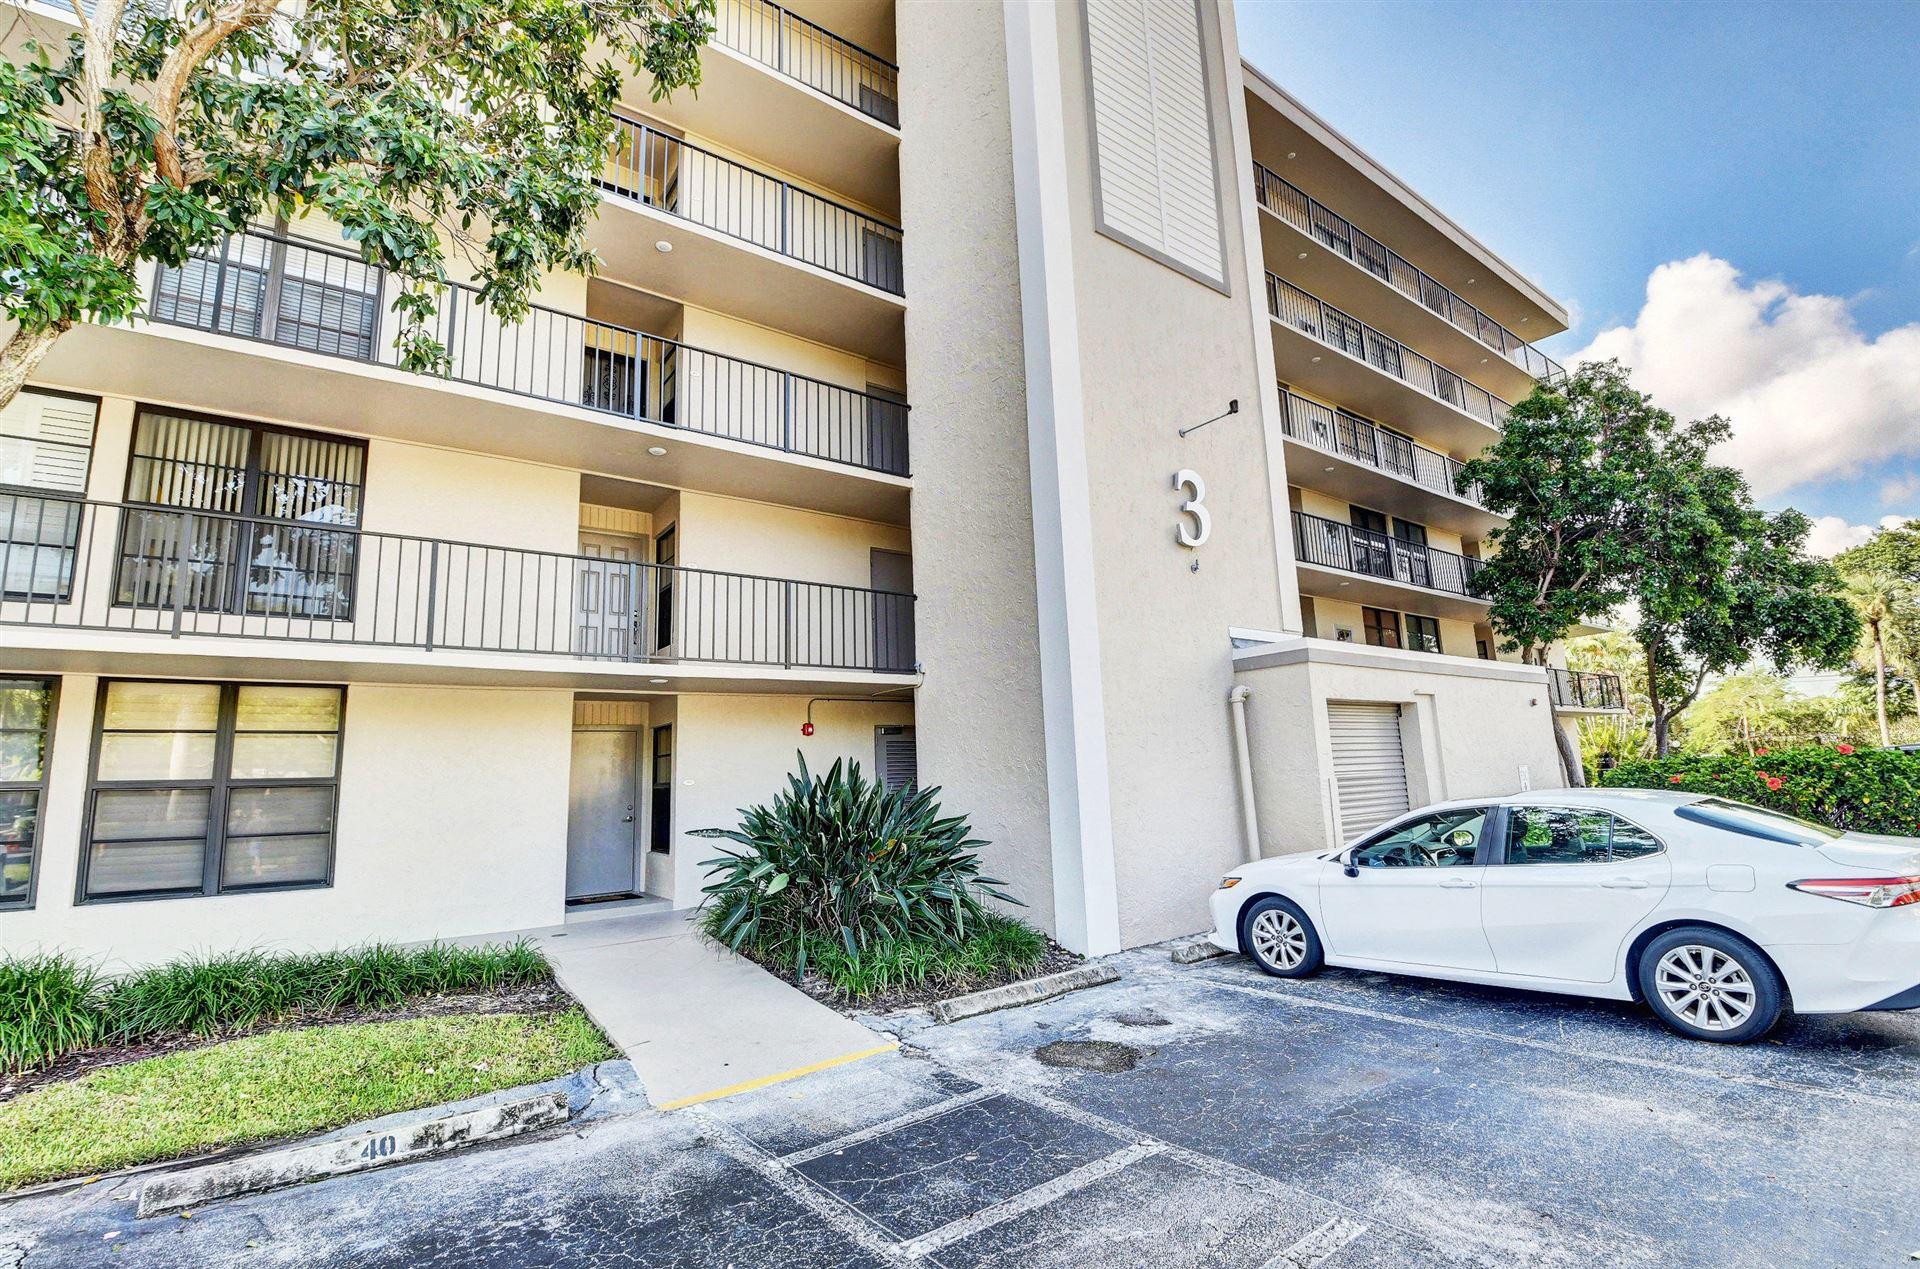 3 Royal Palm Way #201, Boca Raton, FL 33432 - #: RX-10671178